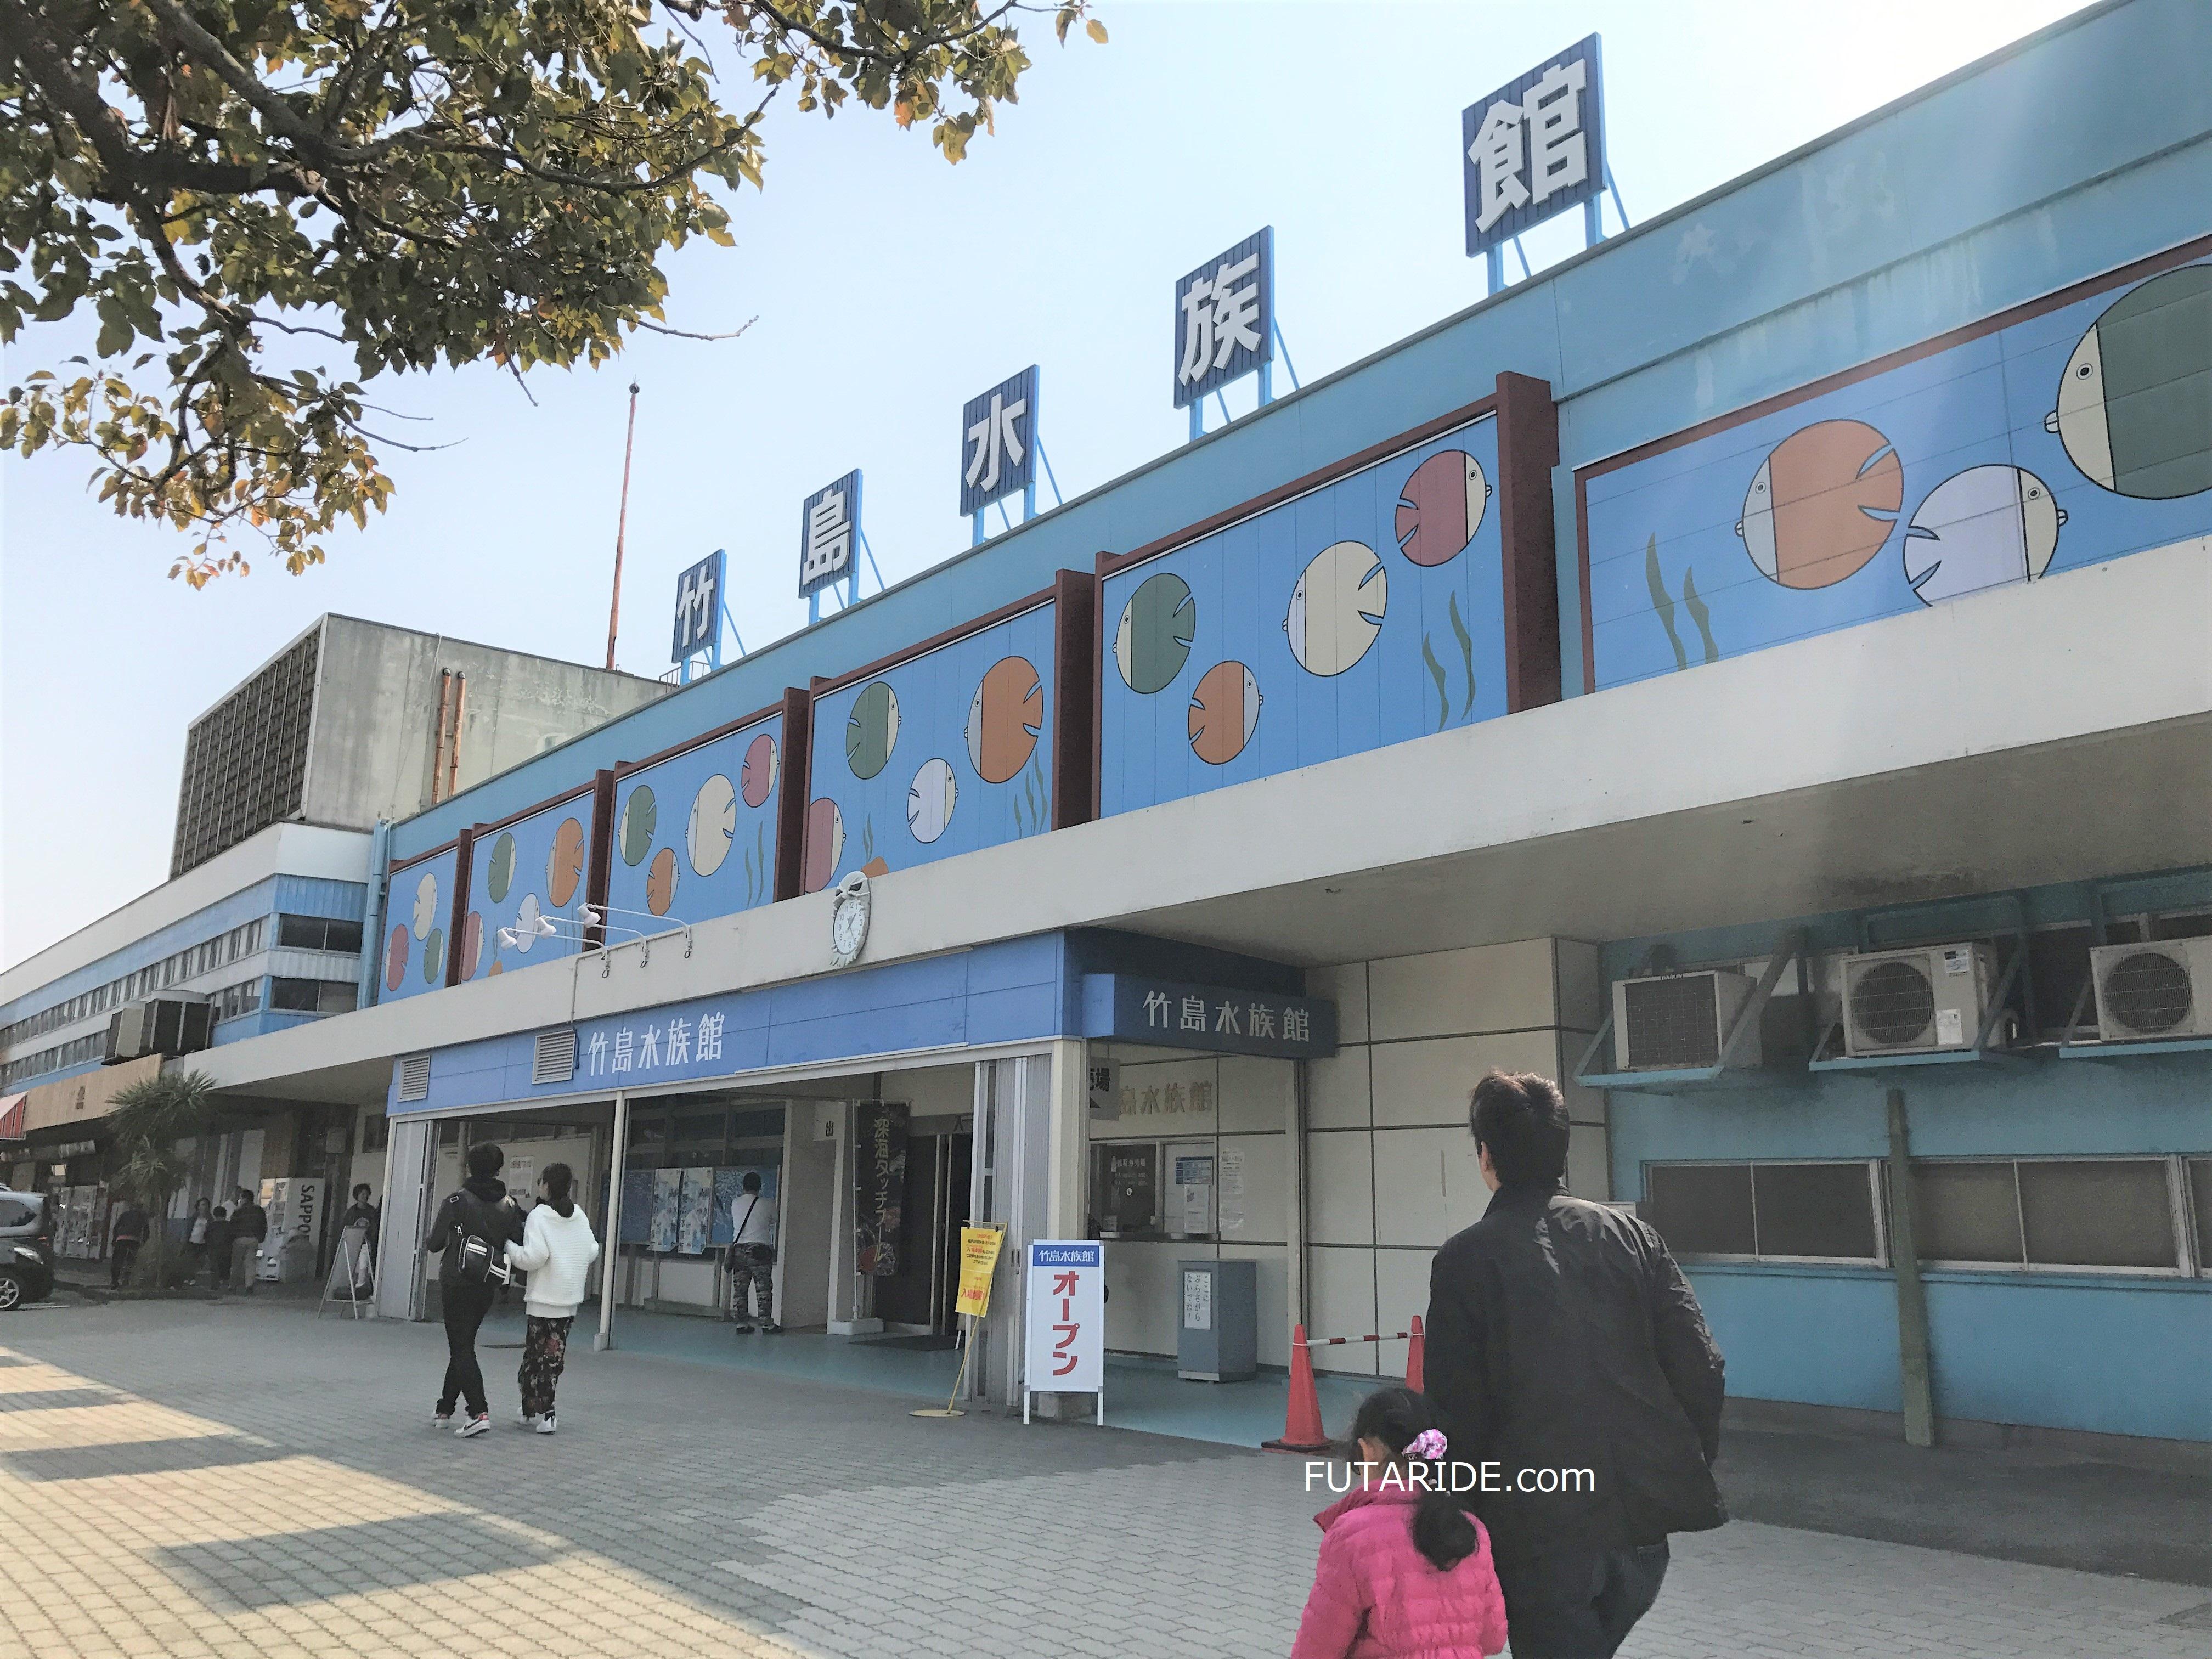 【日本一楽しい】大人気の竹島水族館に行ってみた!デートにもオススメ!